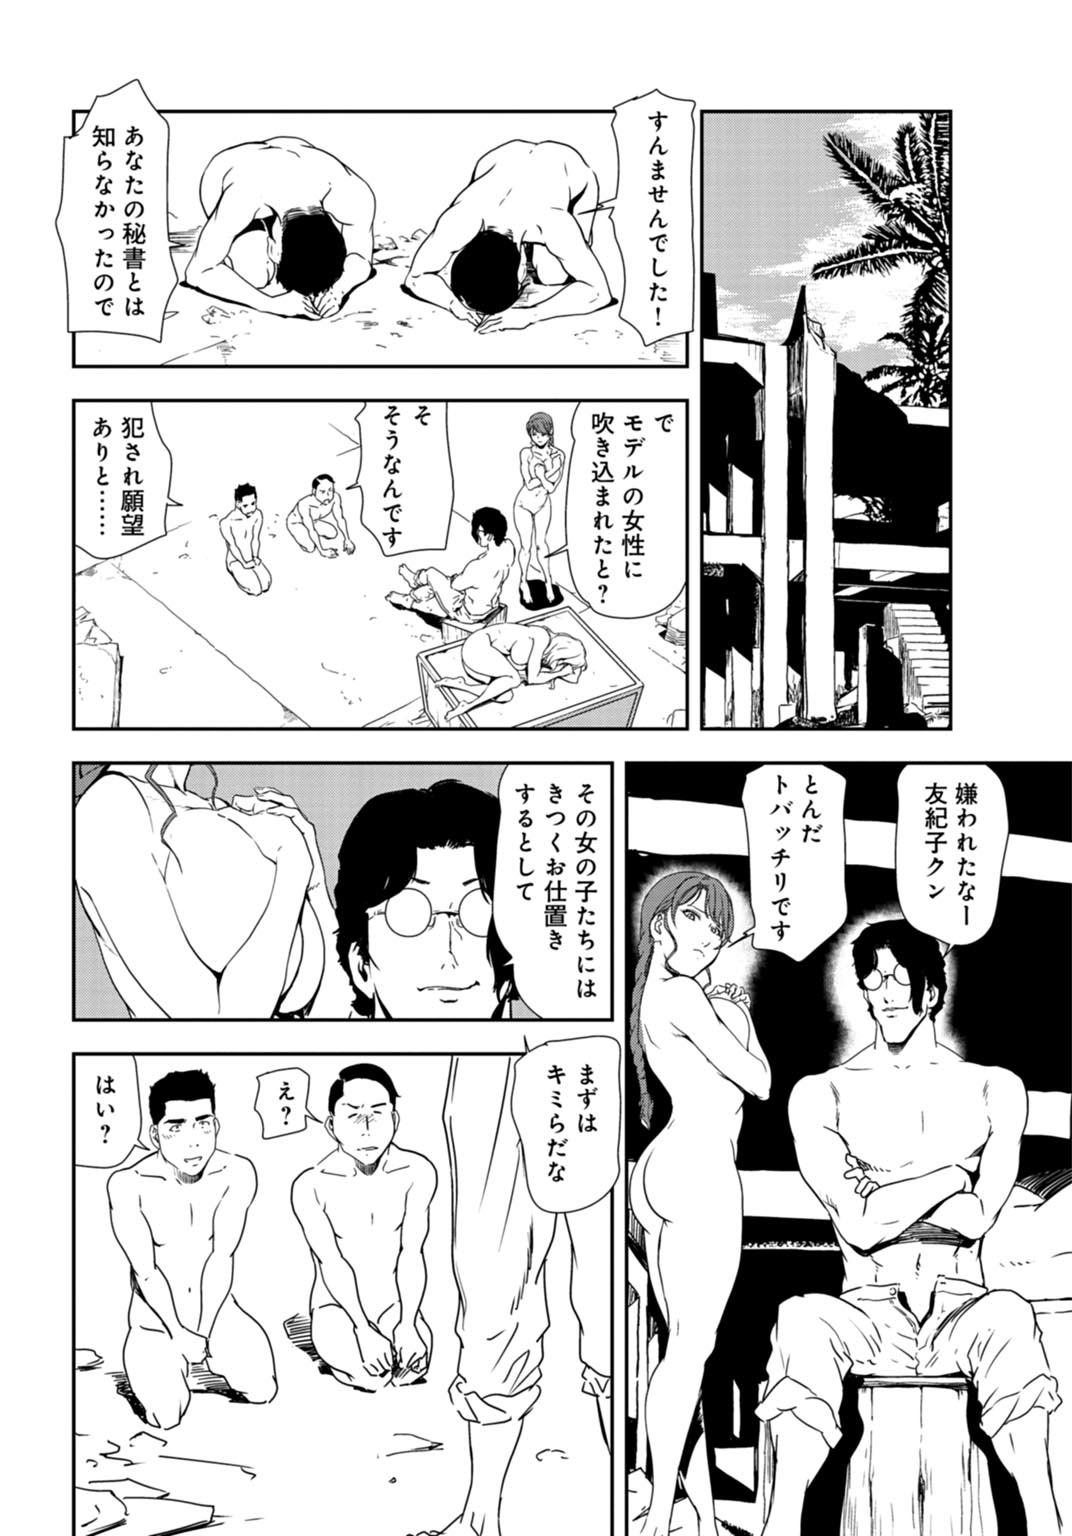 Nikuhisyo Yukiko 27 36